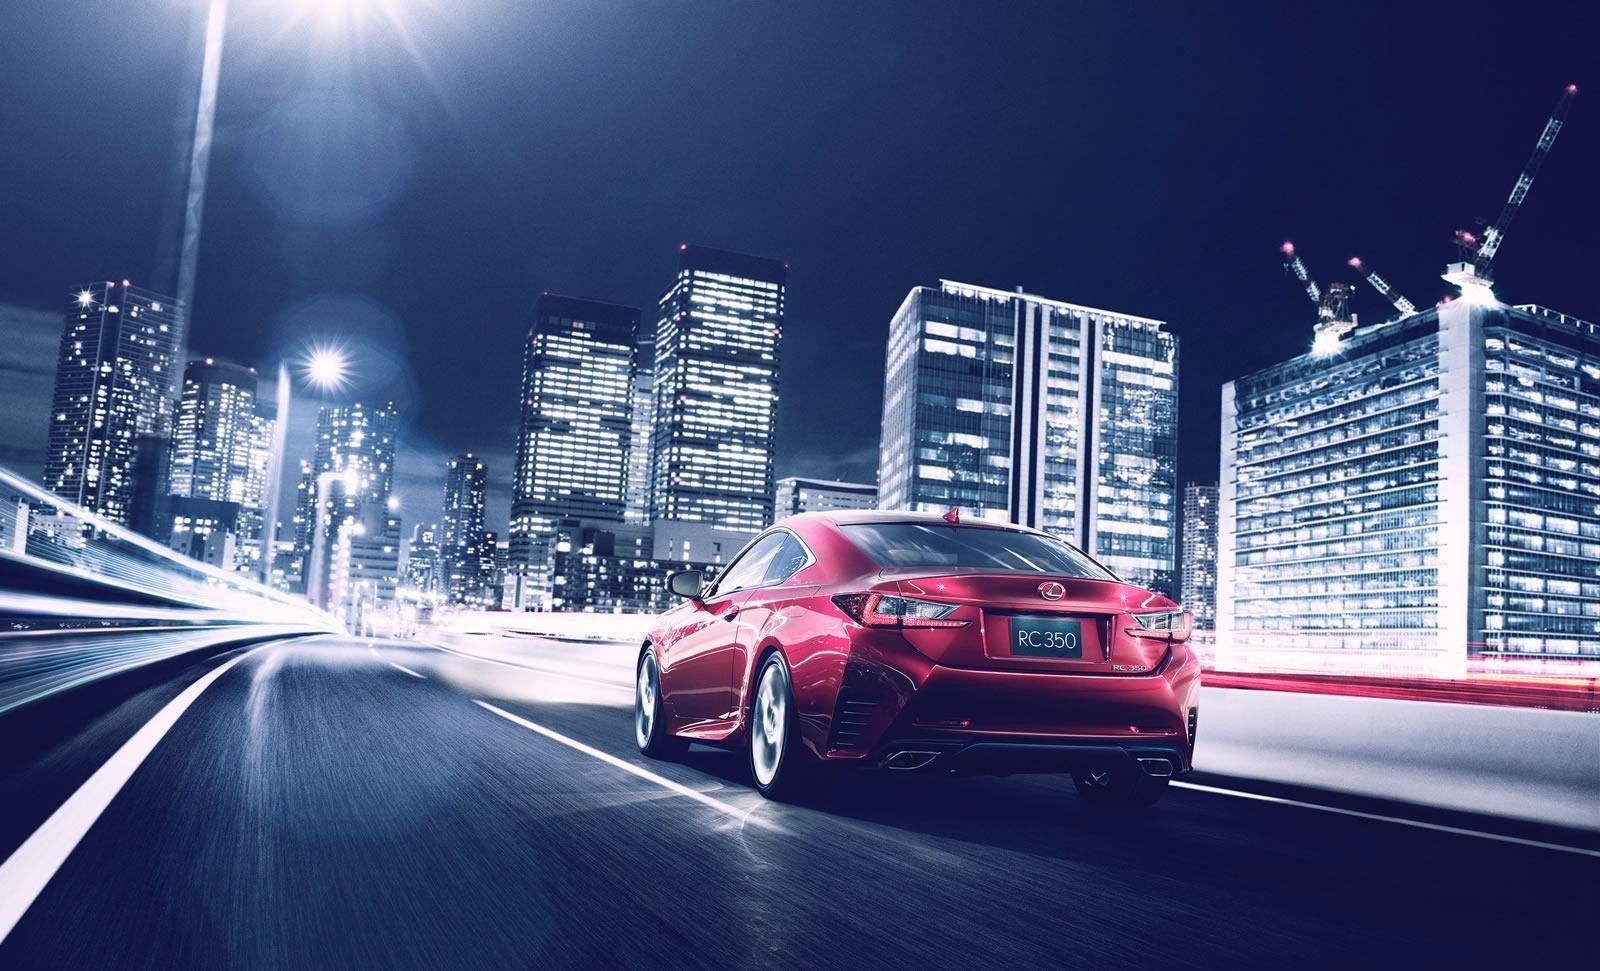 Lexus RC 300h